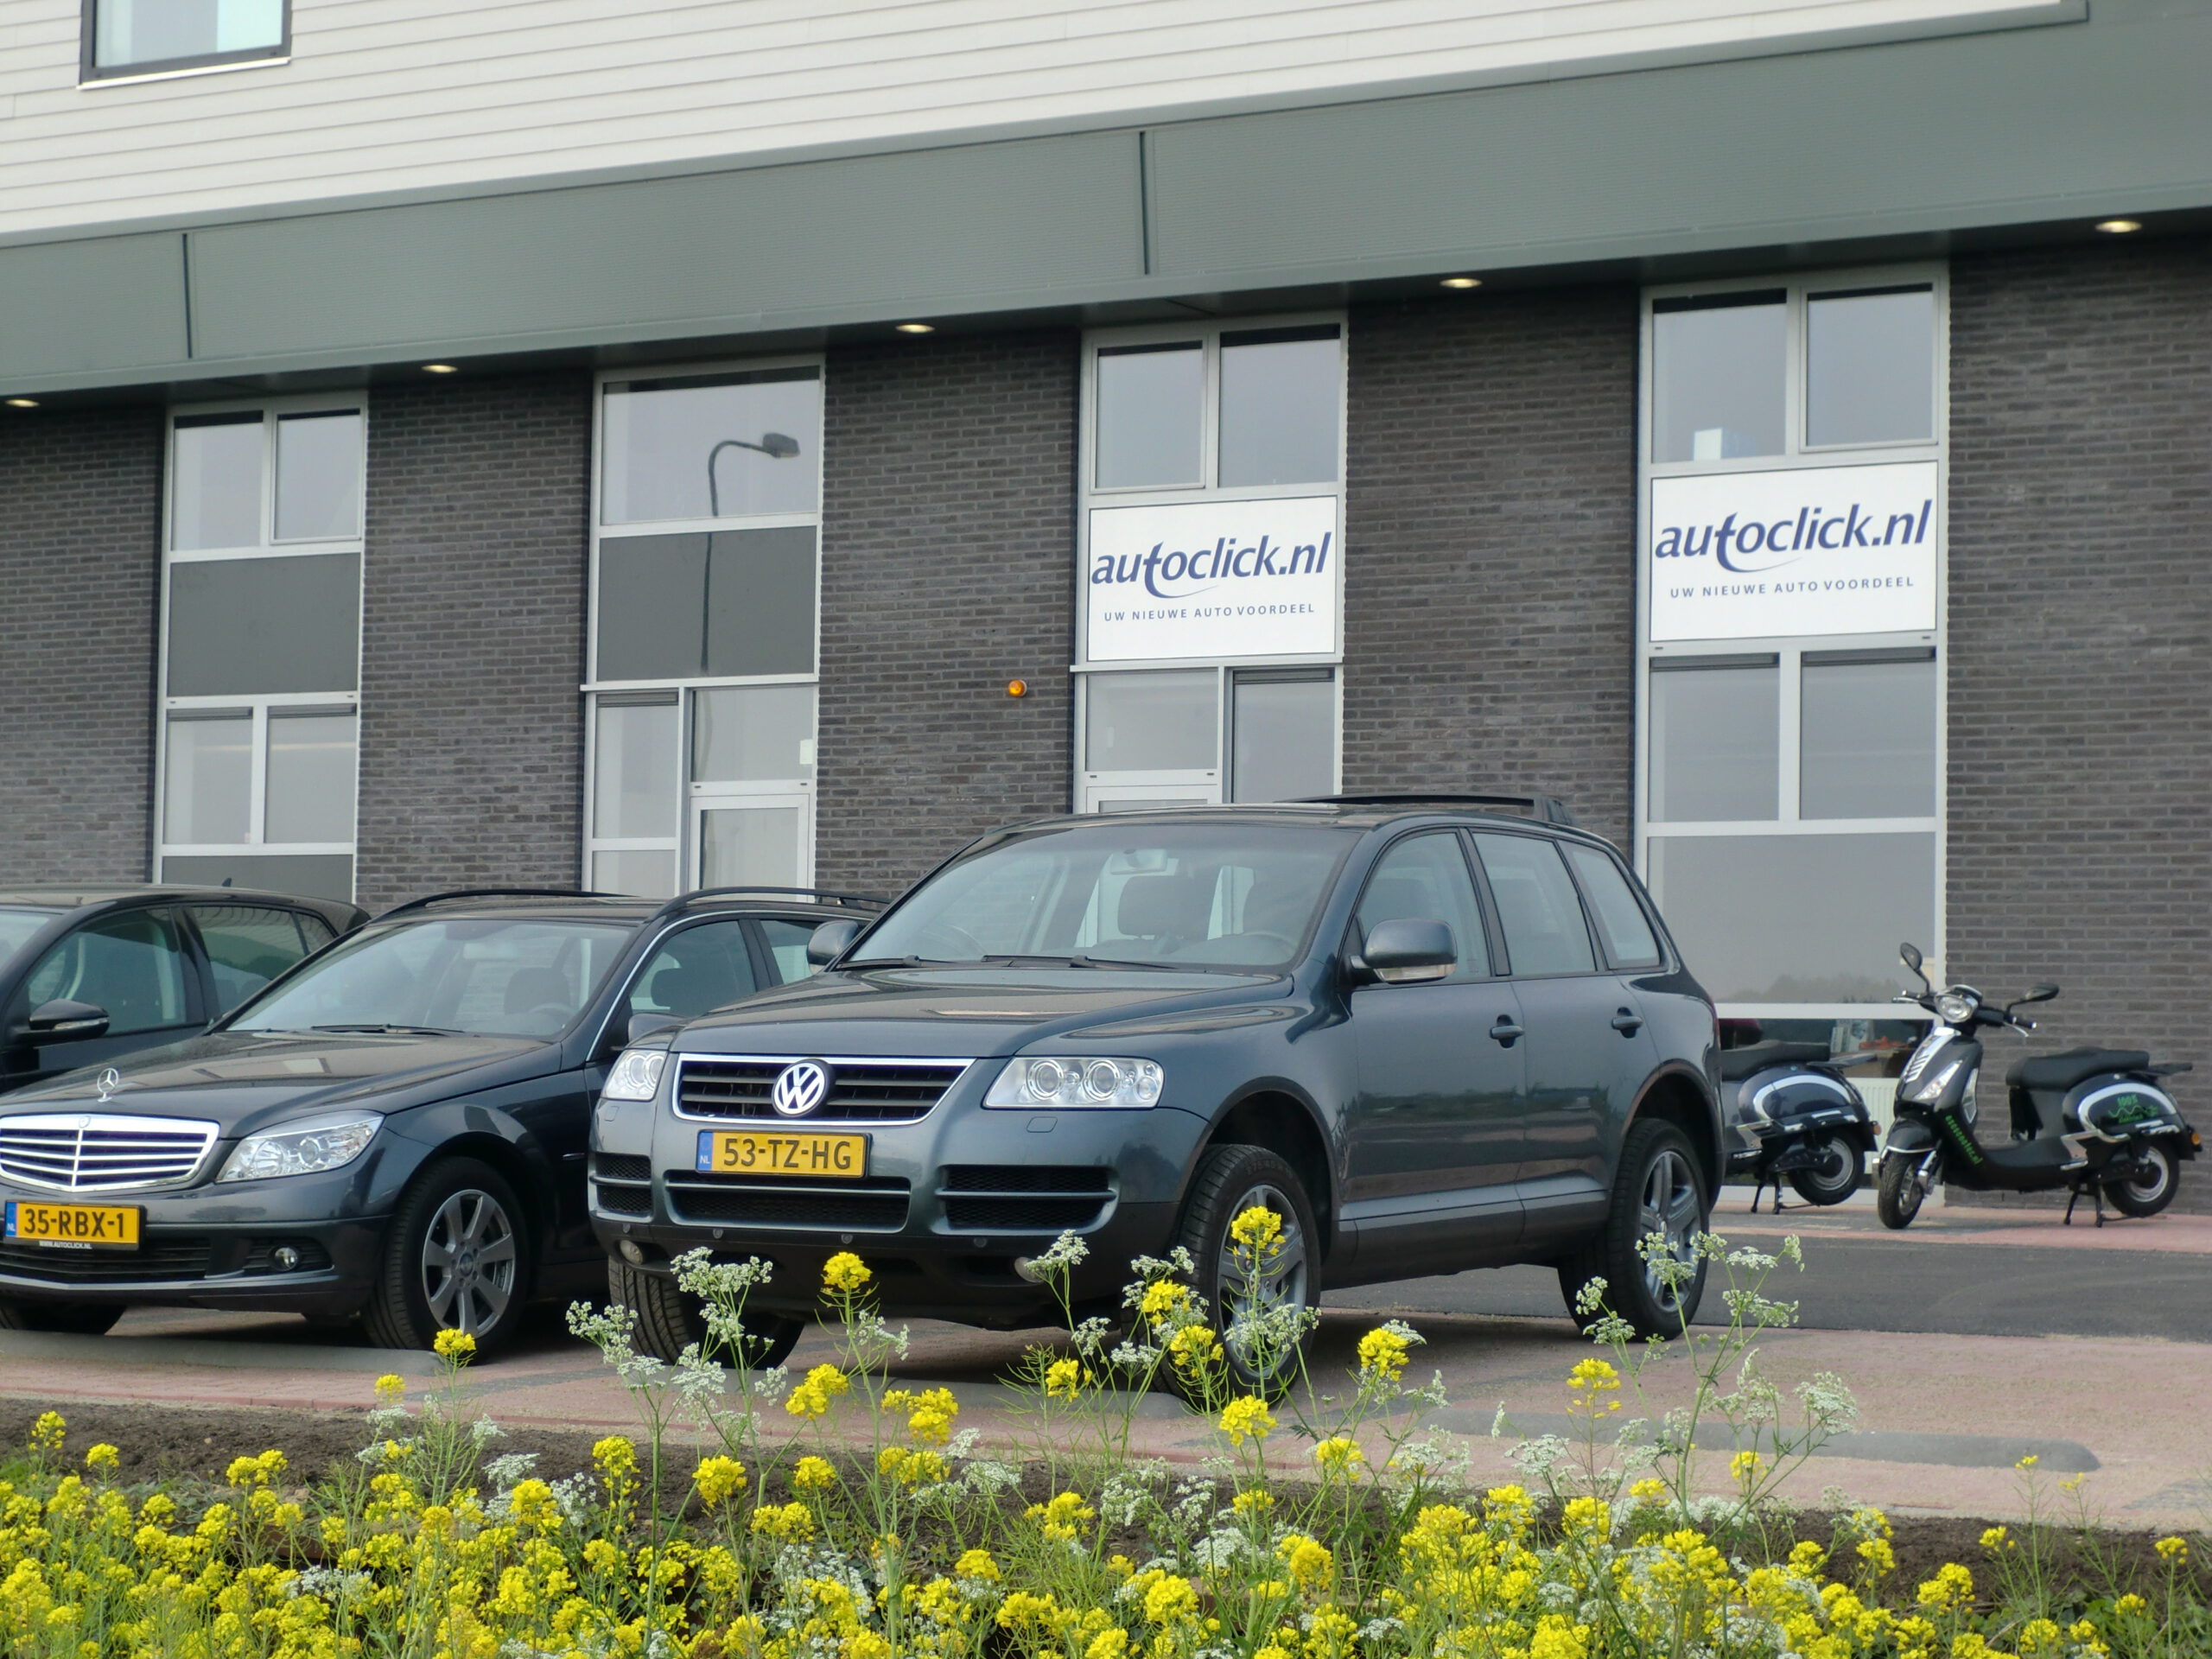 pand Autoclick